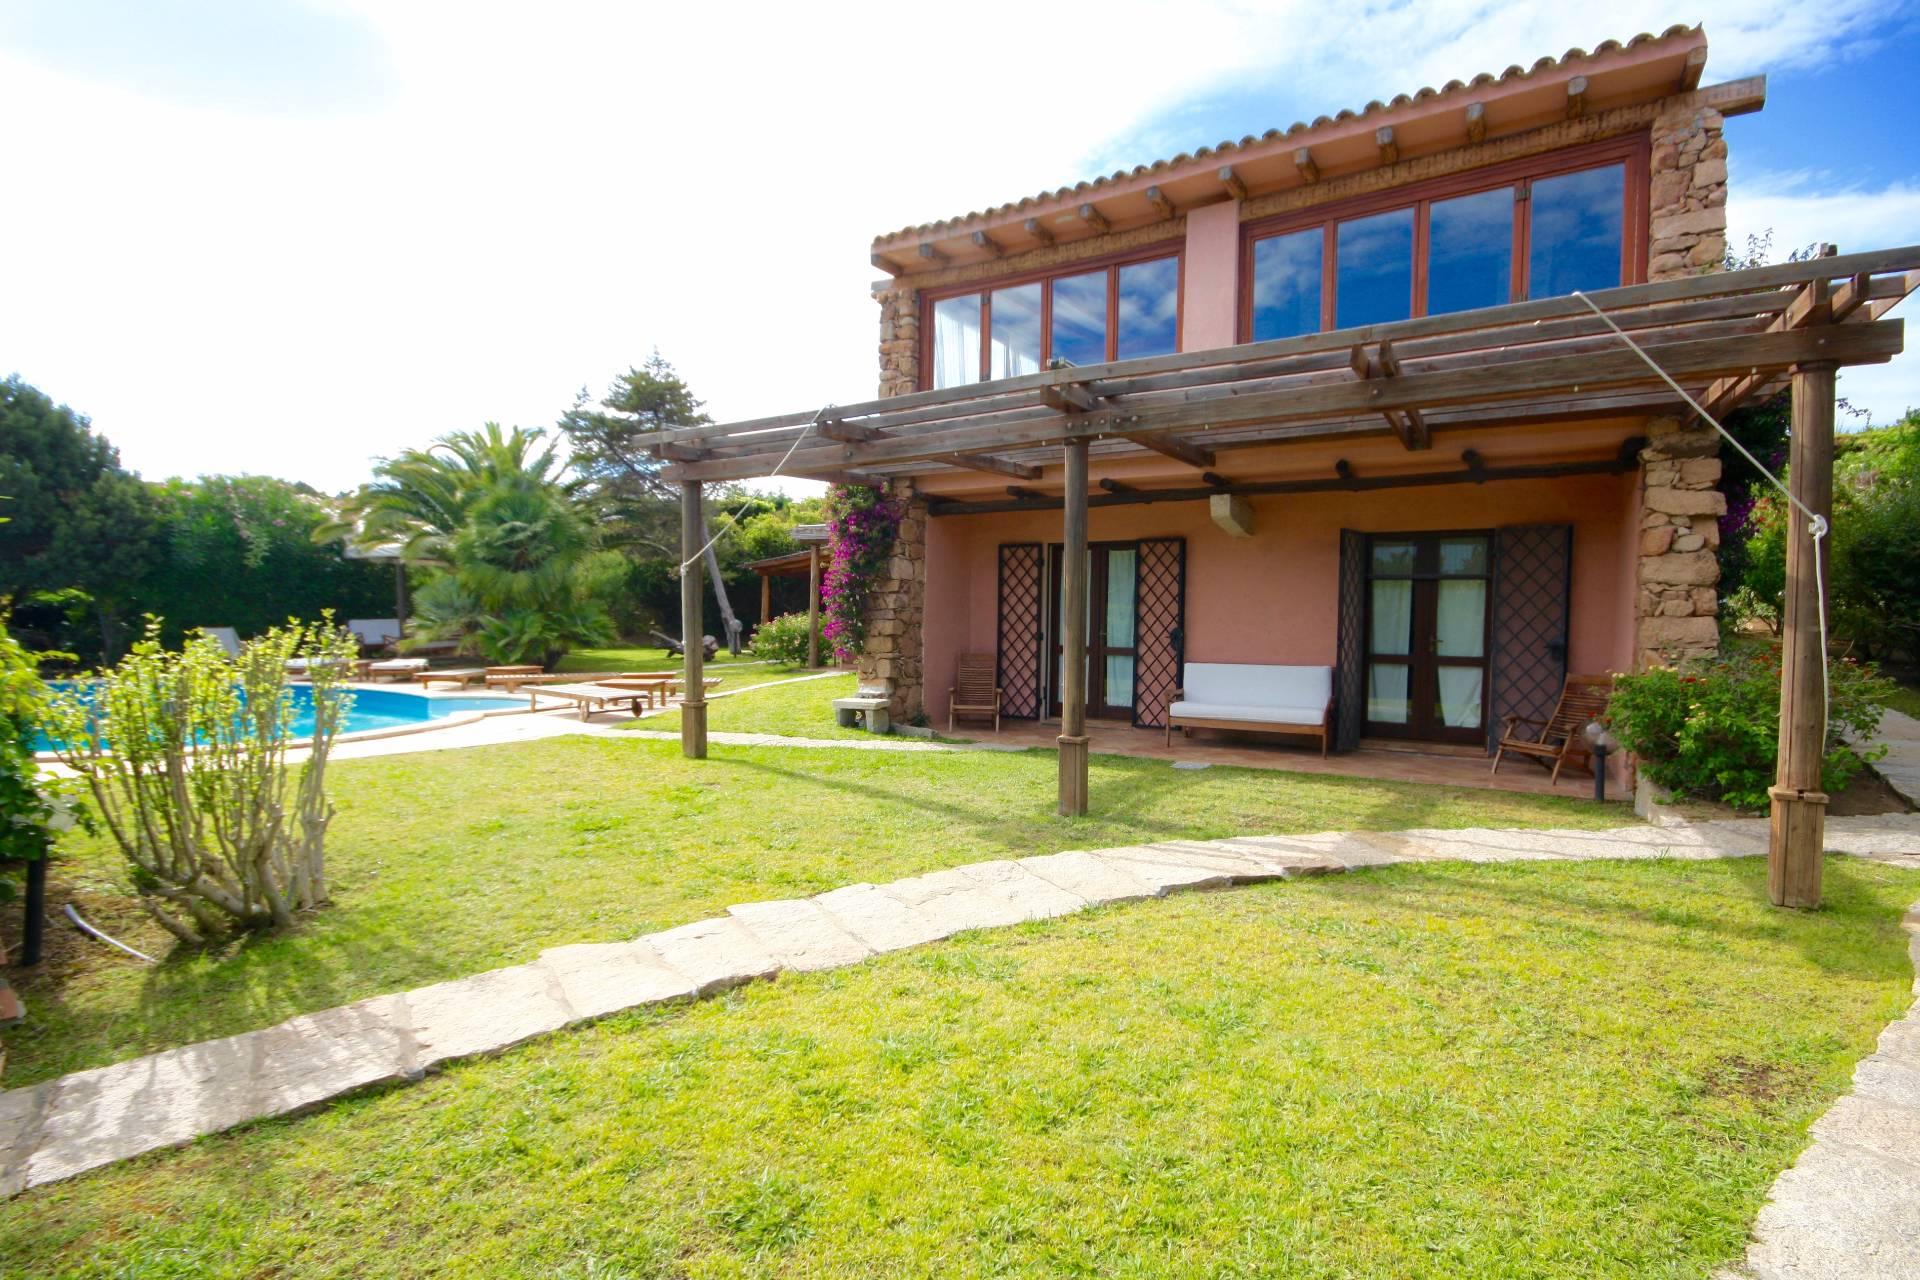 Villa in vendita a Arzachena - Porto Cervo, 9 locali, zona Località: PortoCervo-Marina, prezzo € 2.500.000 | CambioCasa.it